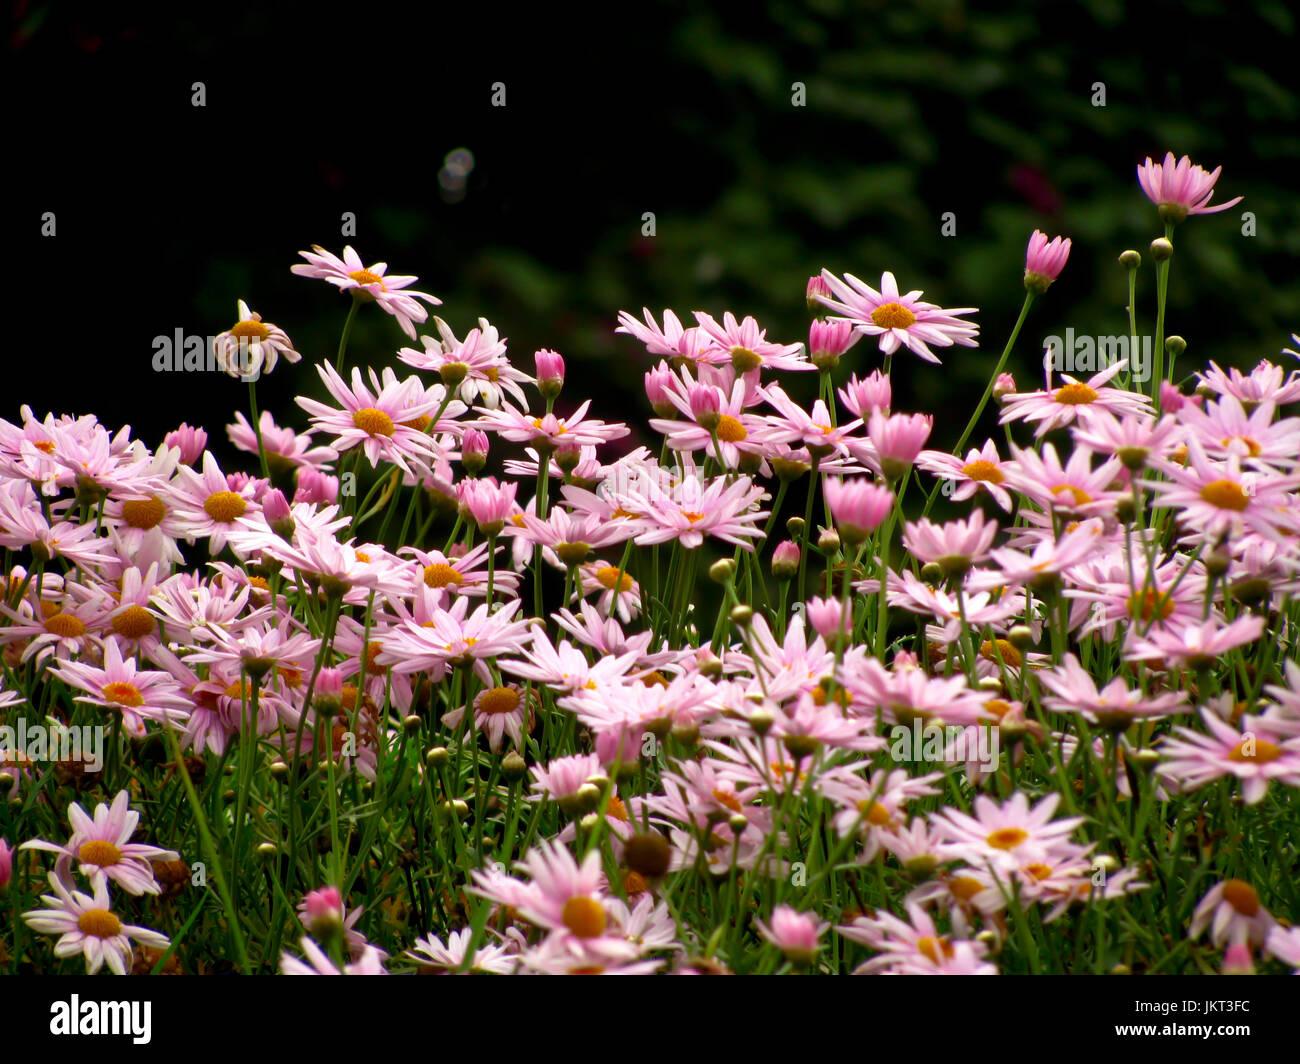 Bouquet de fleurs naturelles au jardin d'Ooty, Tamil Nadu, Inde. Photo Stock